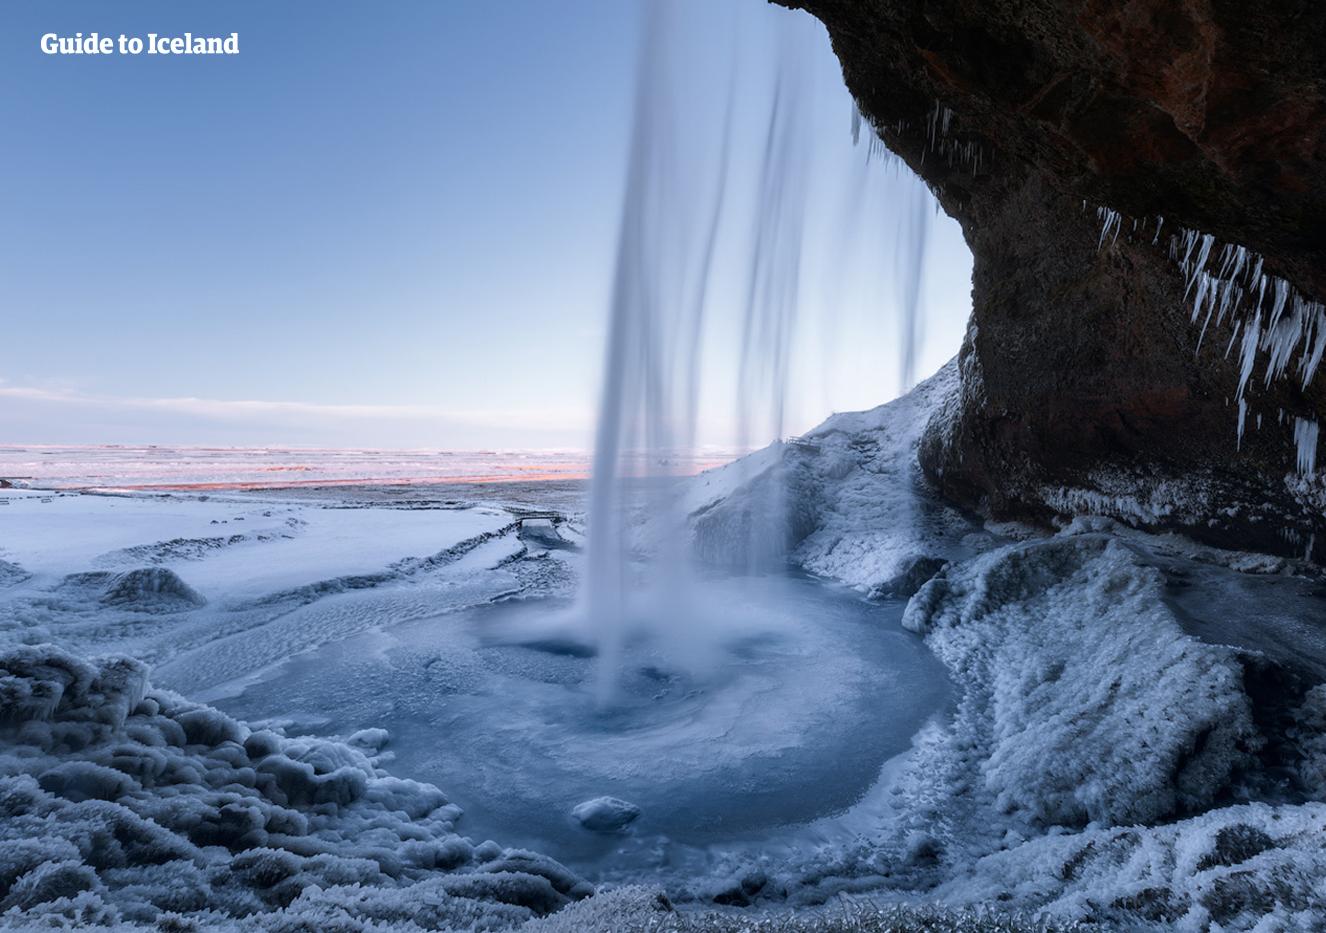 Nyd udsigten bag det faldende kildevand i Seljalandsfoss-vandfaldet på sydkysten.